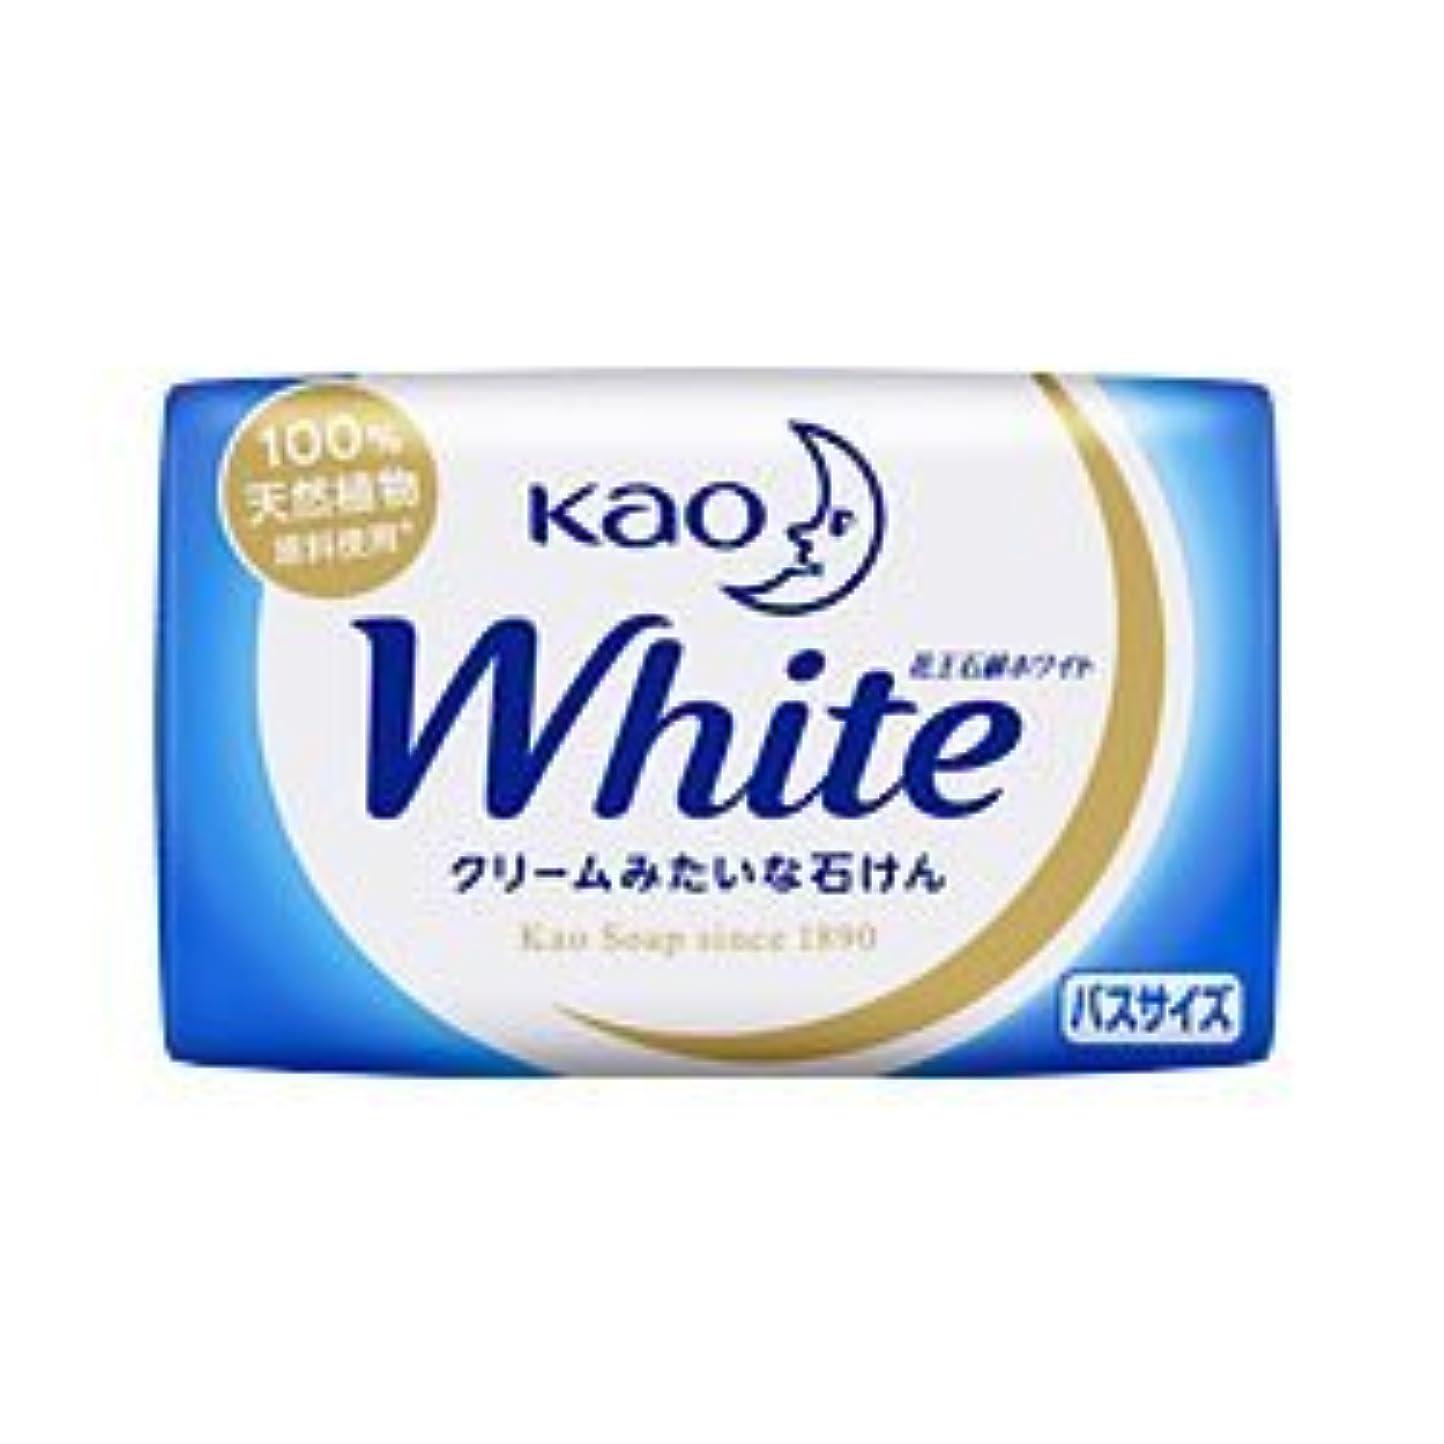 慣性宣言する然とした【花王】花王ホワイト バスサイズ 1個 130g ×20個セット